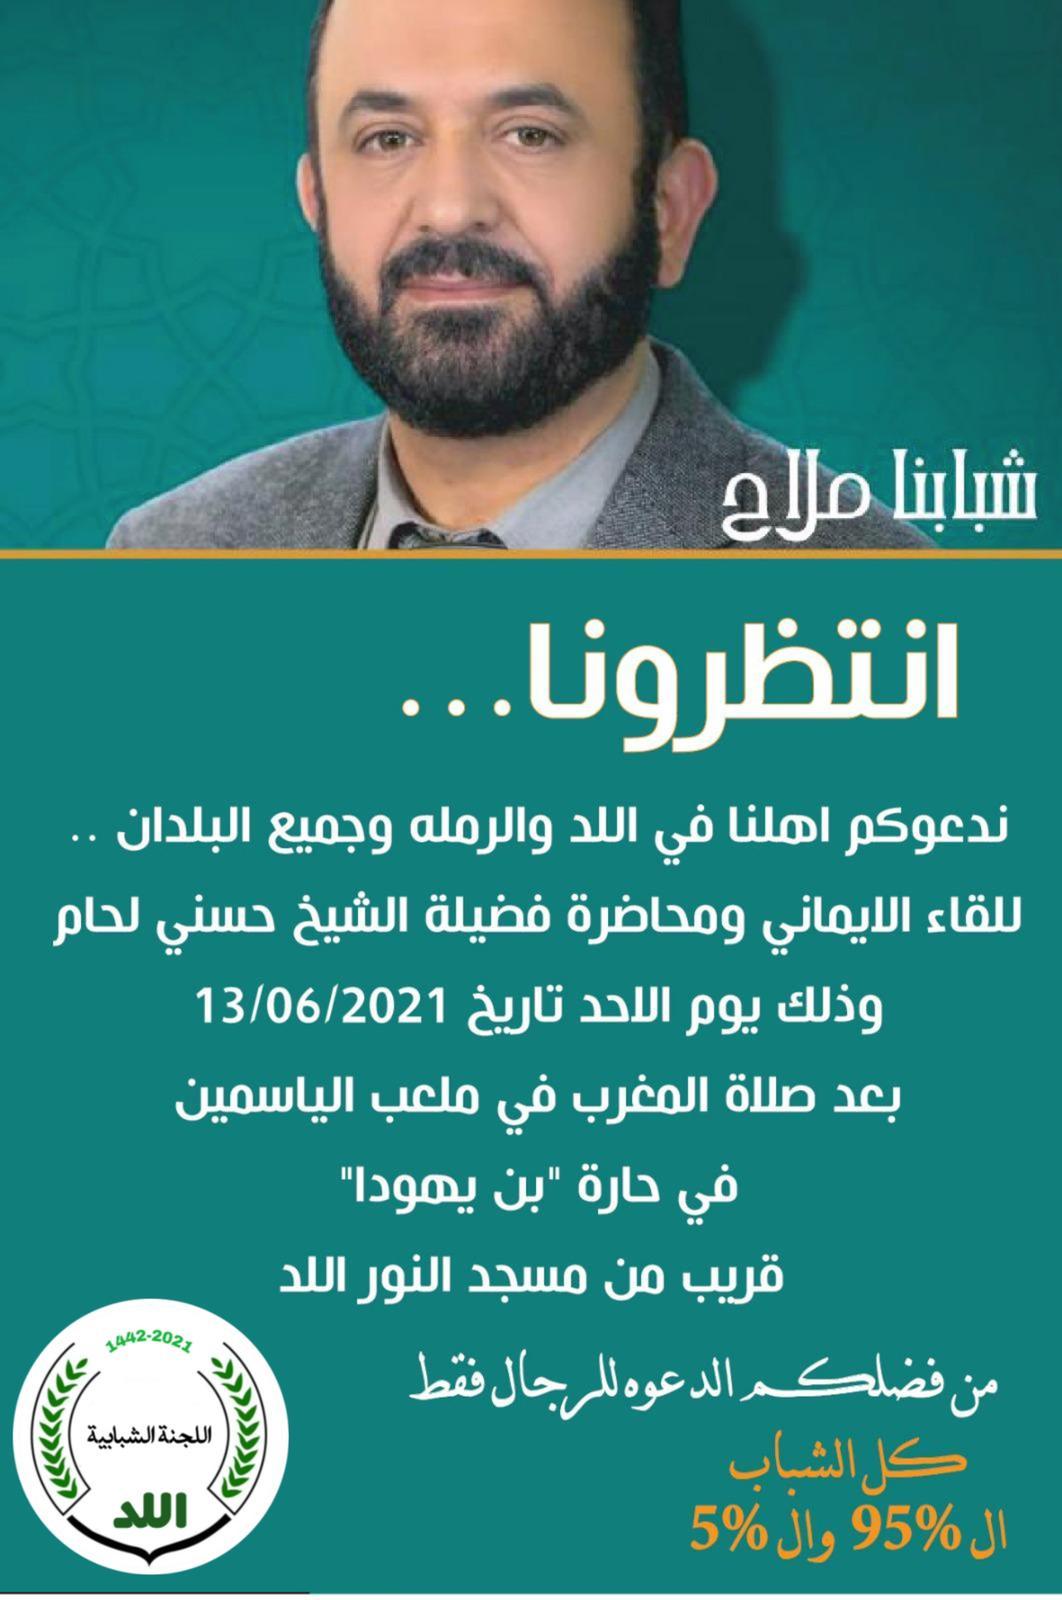 الأحد: محاضرة للشيخ حسني لحام في مدينة اللد